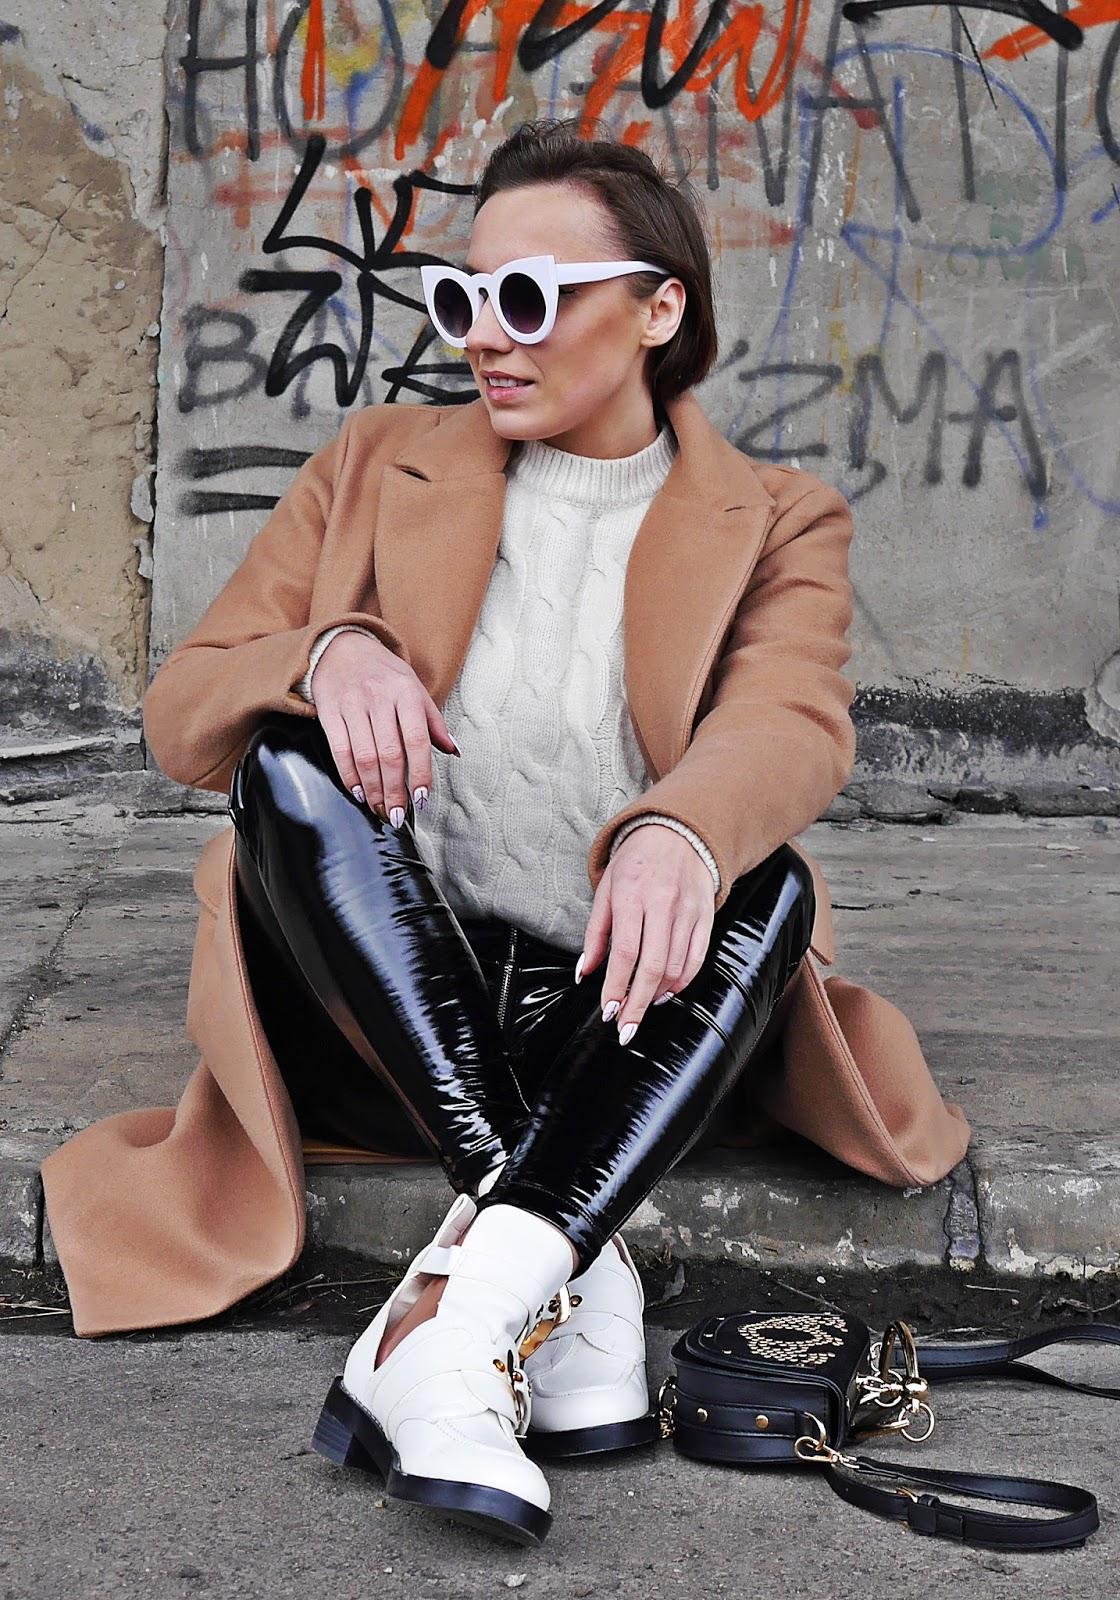 beżowy płaszcz winylowe spodnie białe wycięte botki renee karyn blog modowy